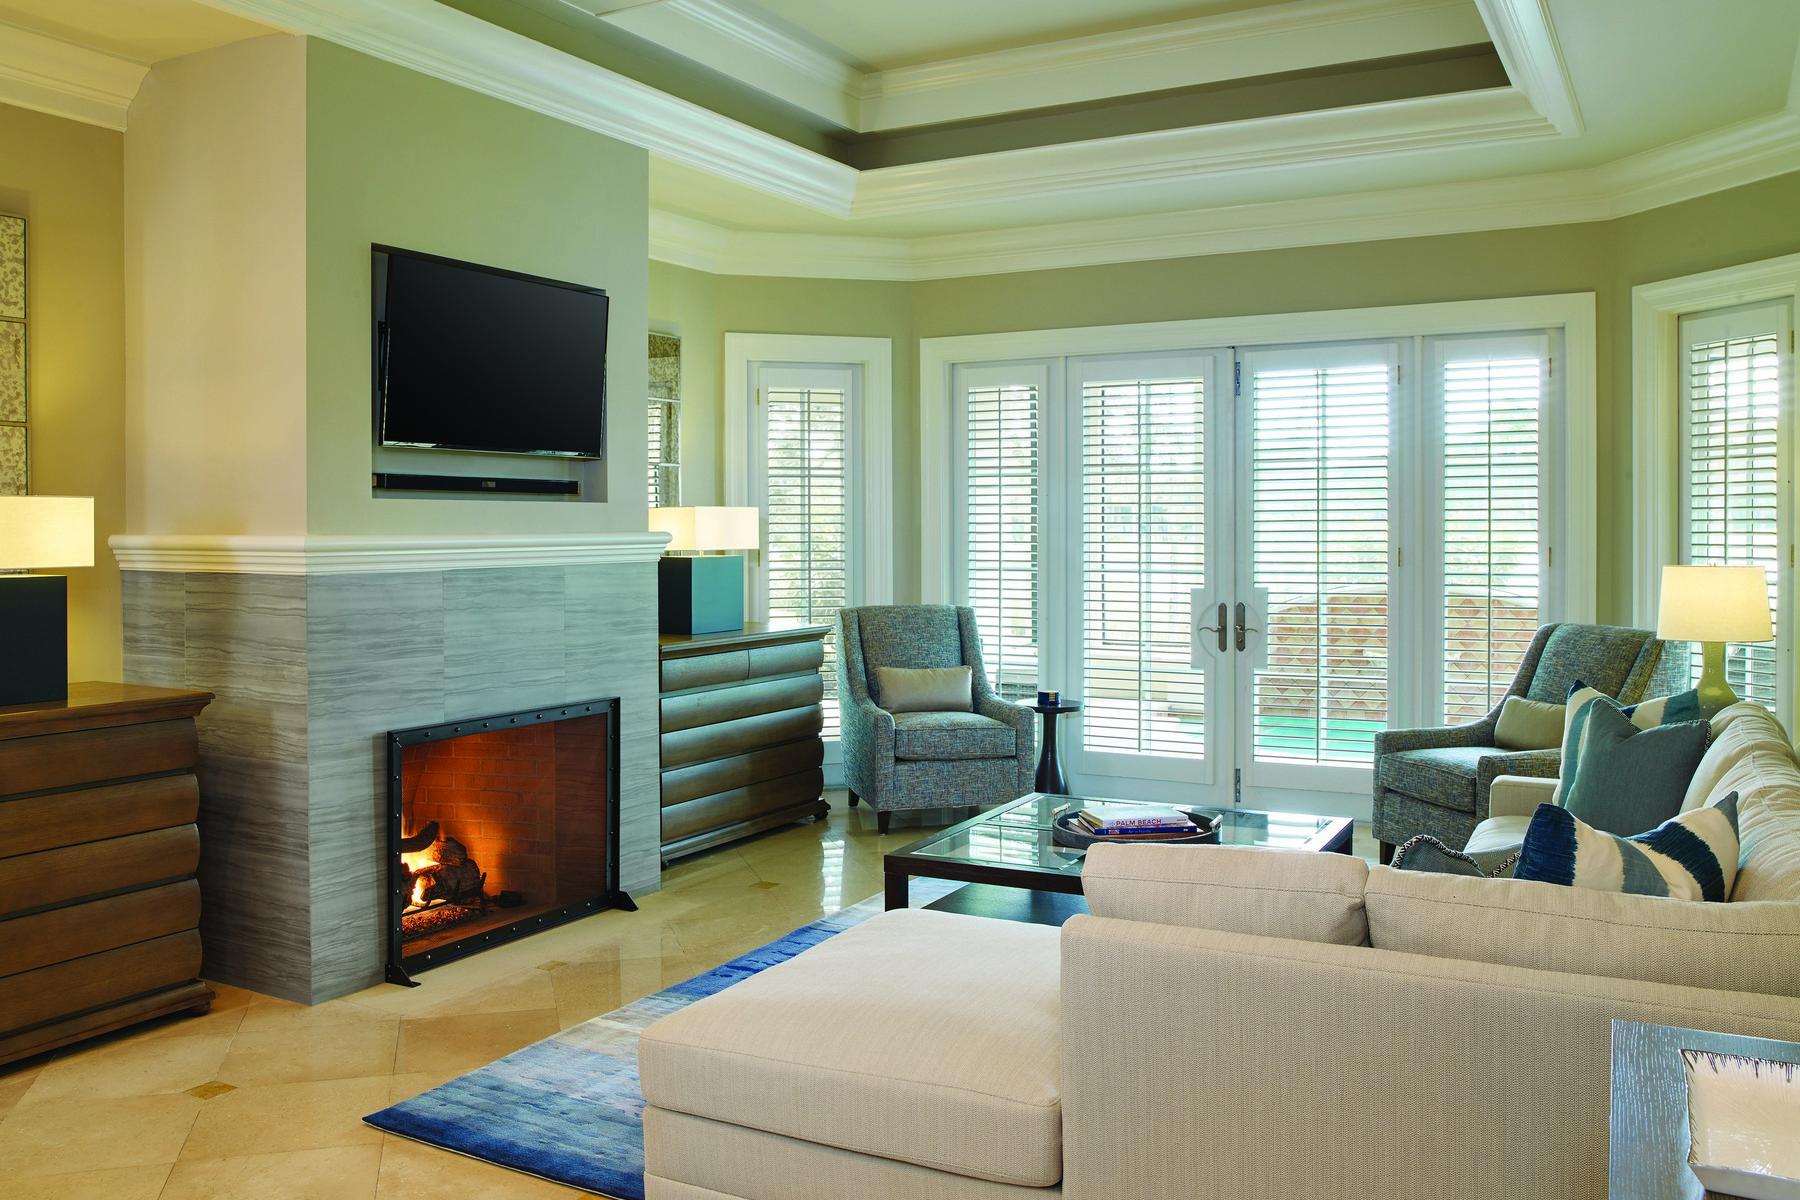 部分所有权 为 销售 在 655 White Pelican Way (Interest 4) 朱庇特, 佛罗里达州, 33477 美国